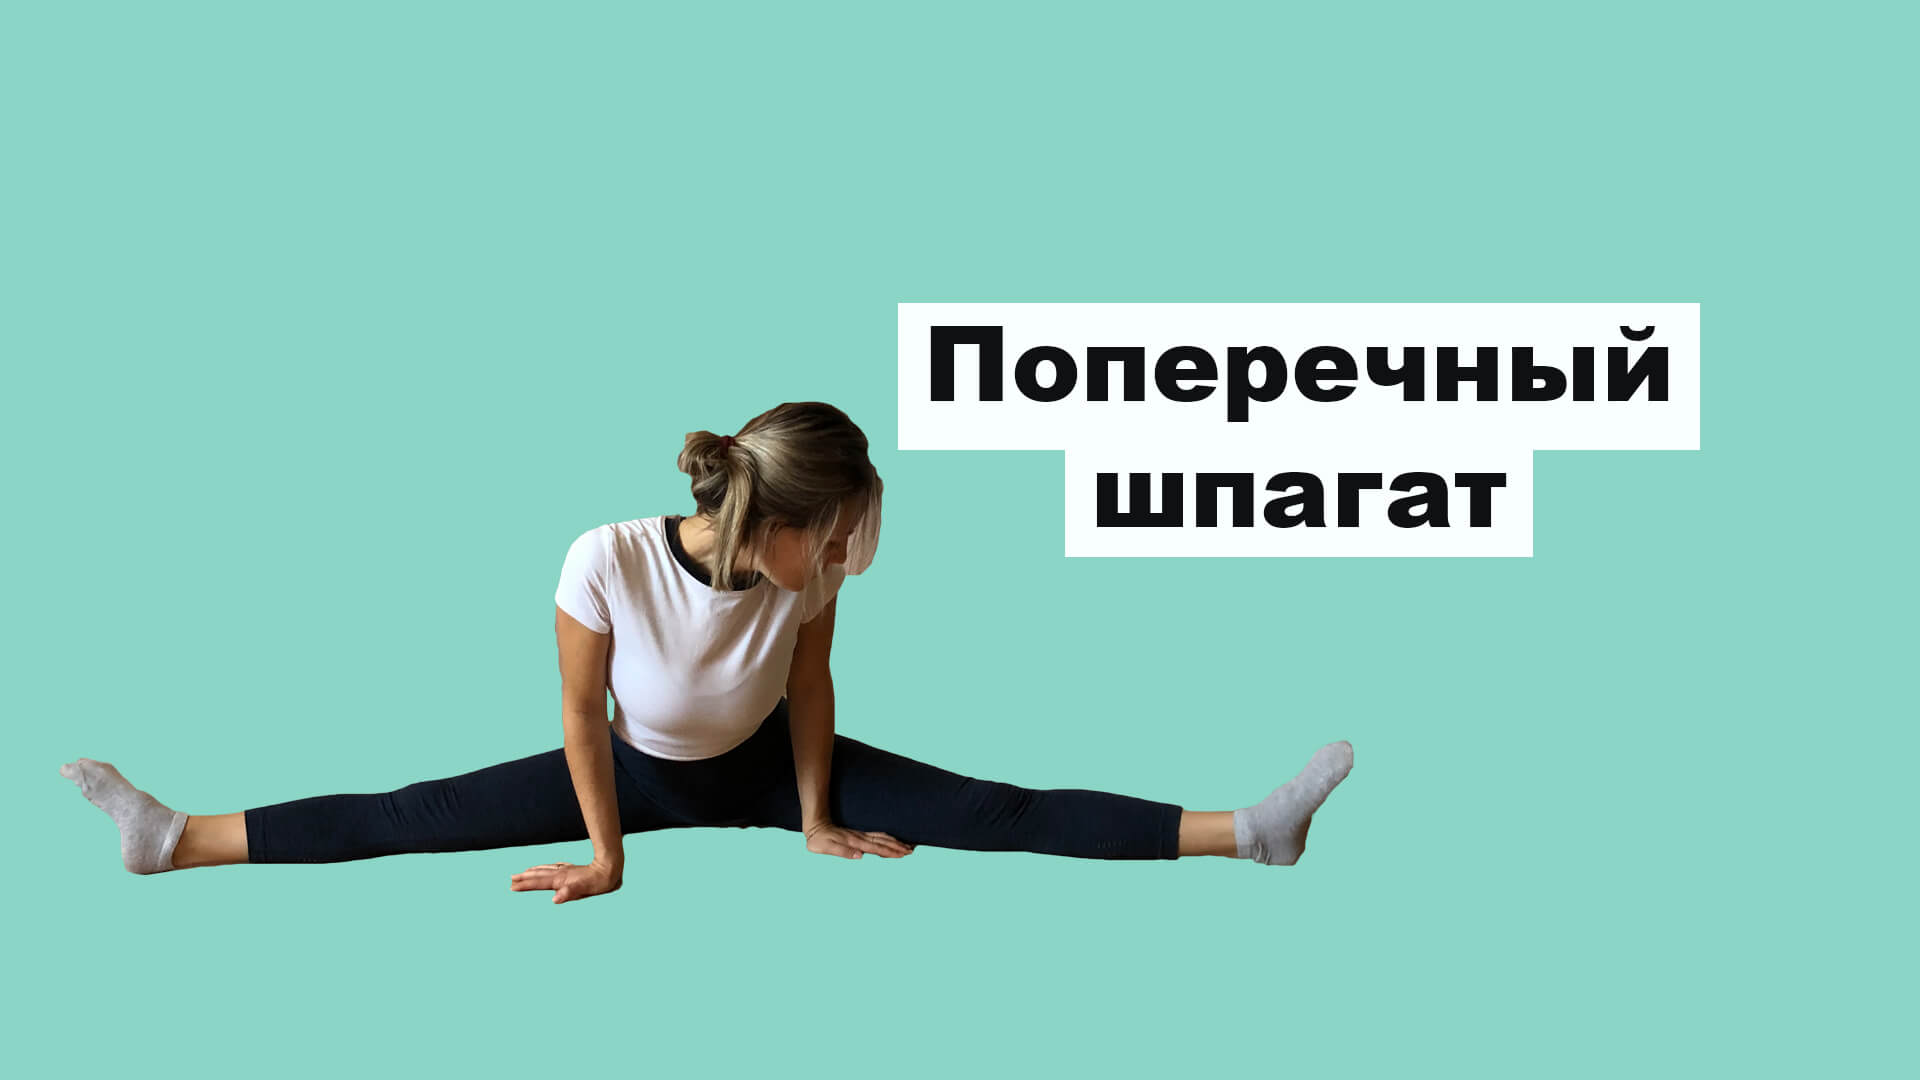 Как научиться садиться на шпагат в домашних условиях: комплекс упражнений и сроки